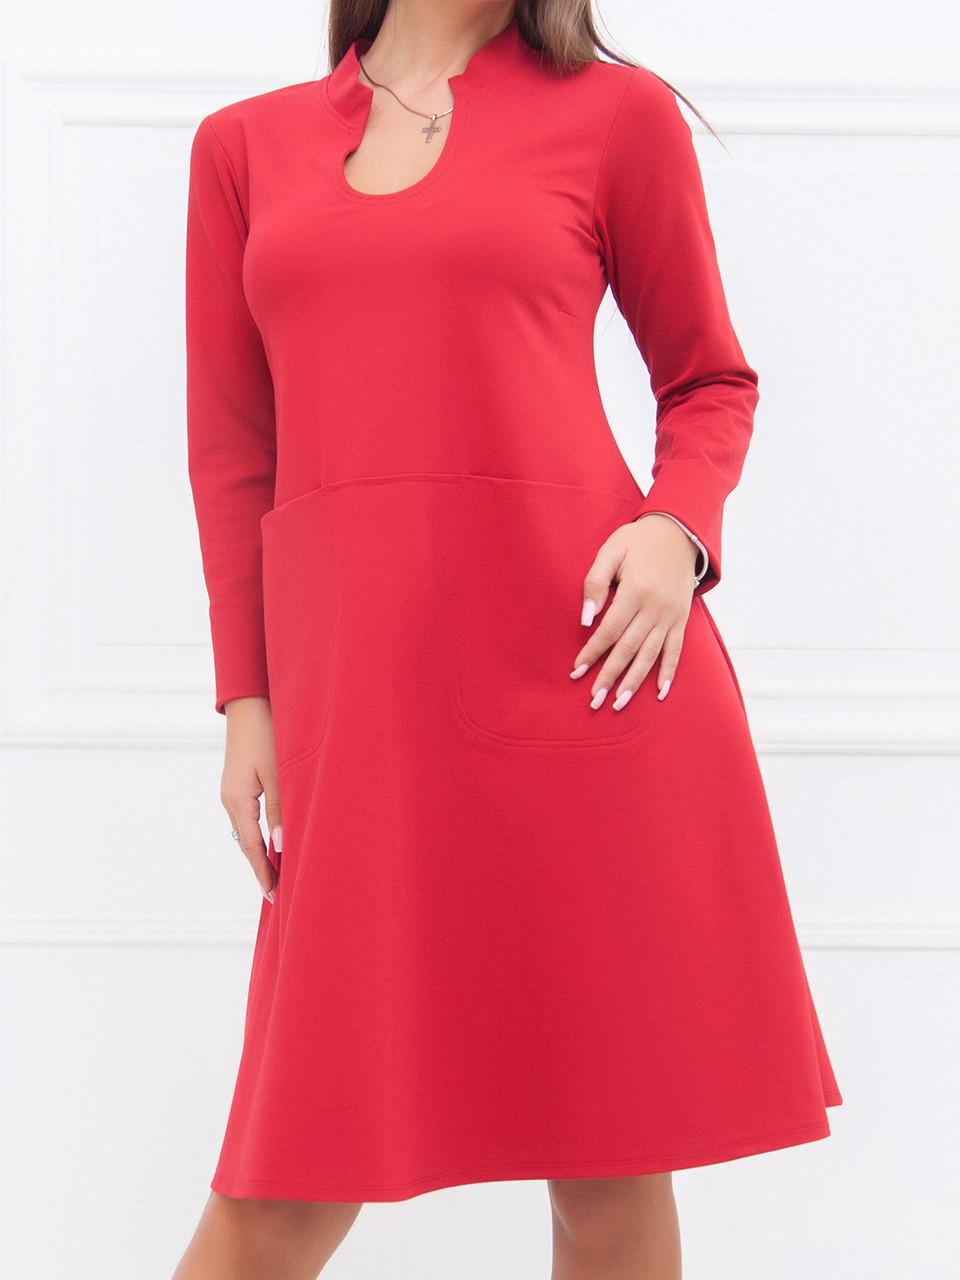 20e7e09777e Демисезонное Платье Таисия в красном цвете  продажа